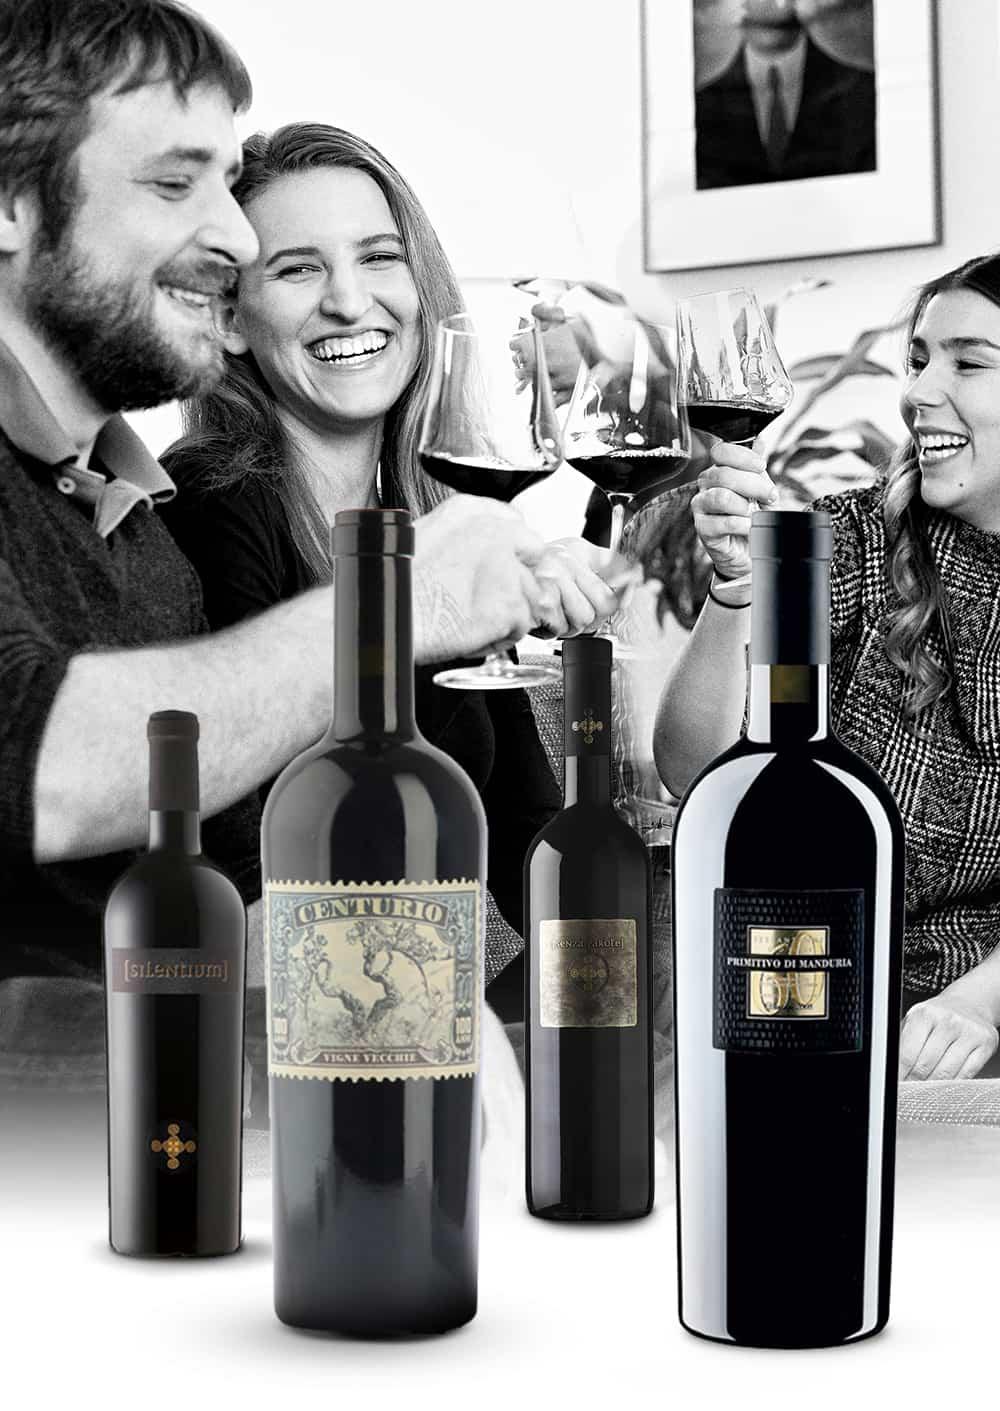 Der Dolce Vita Wein